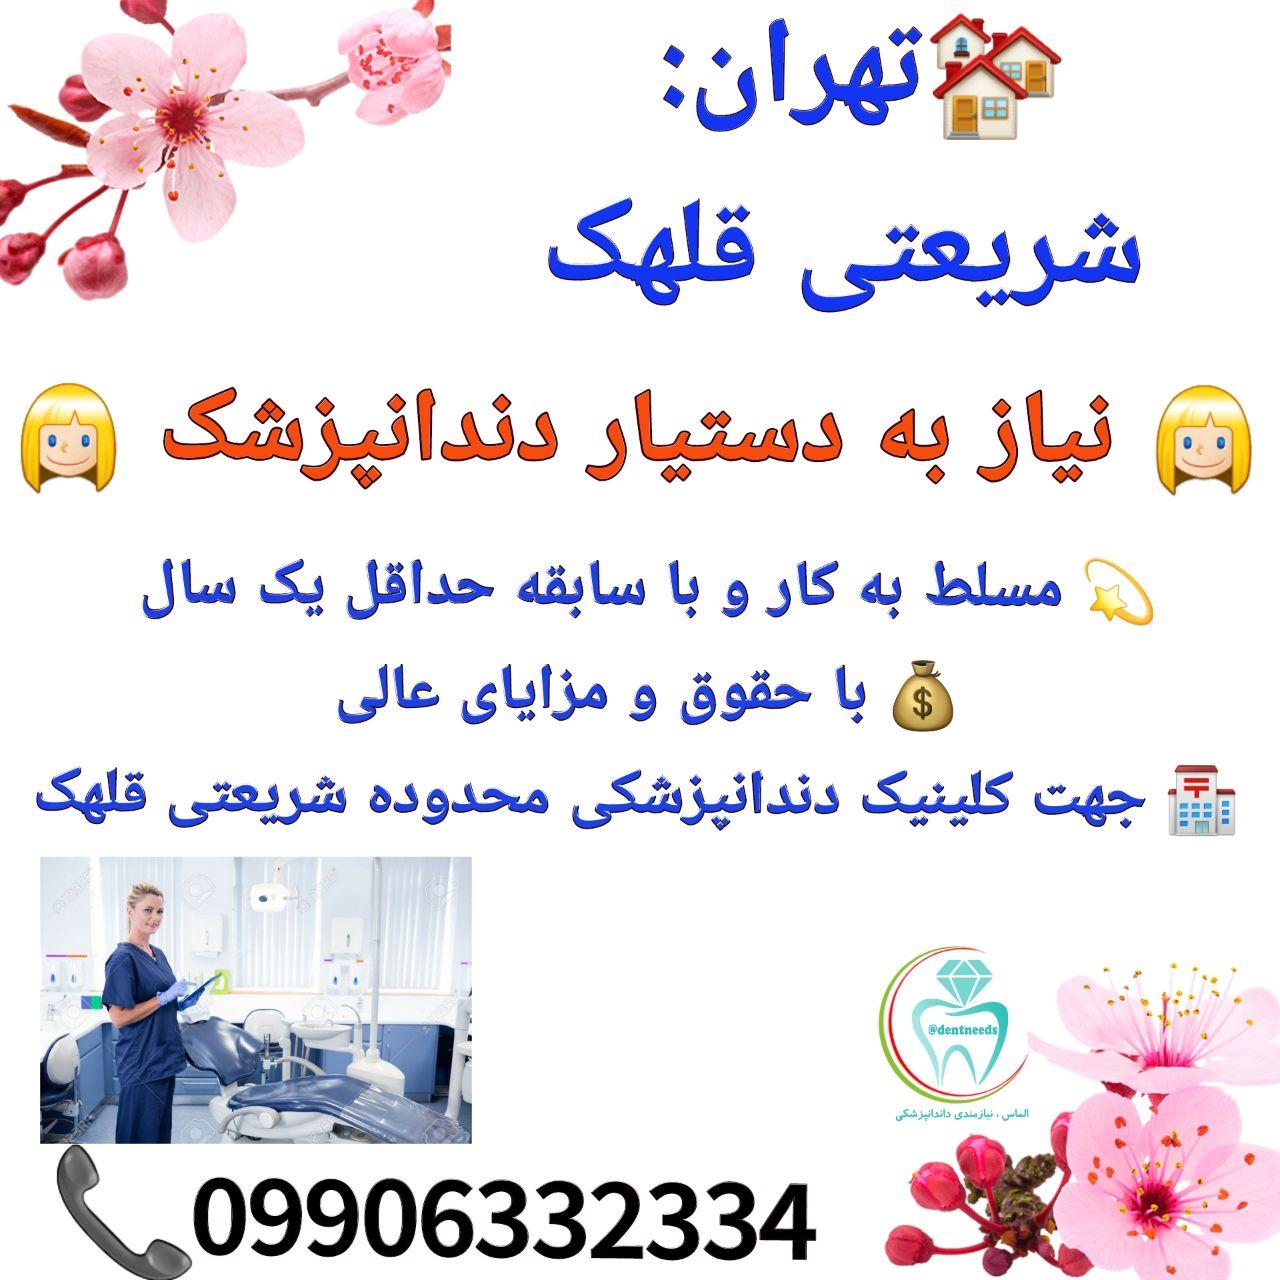 تهران: شریعتی، قلهک، نیاز به دستیار دندانپزشک